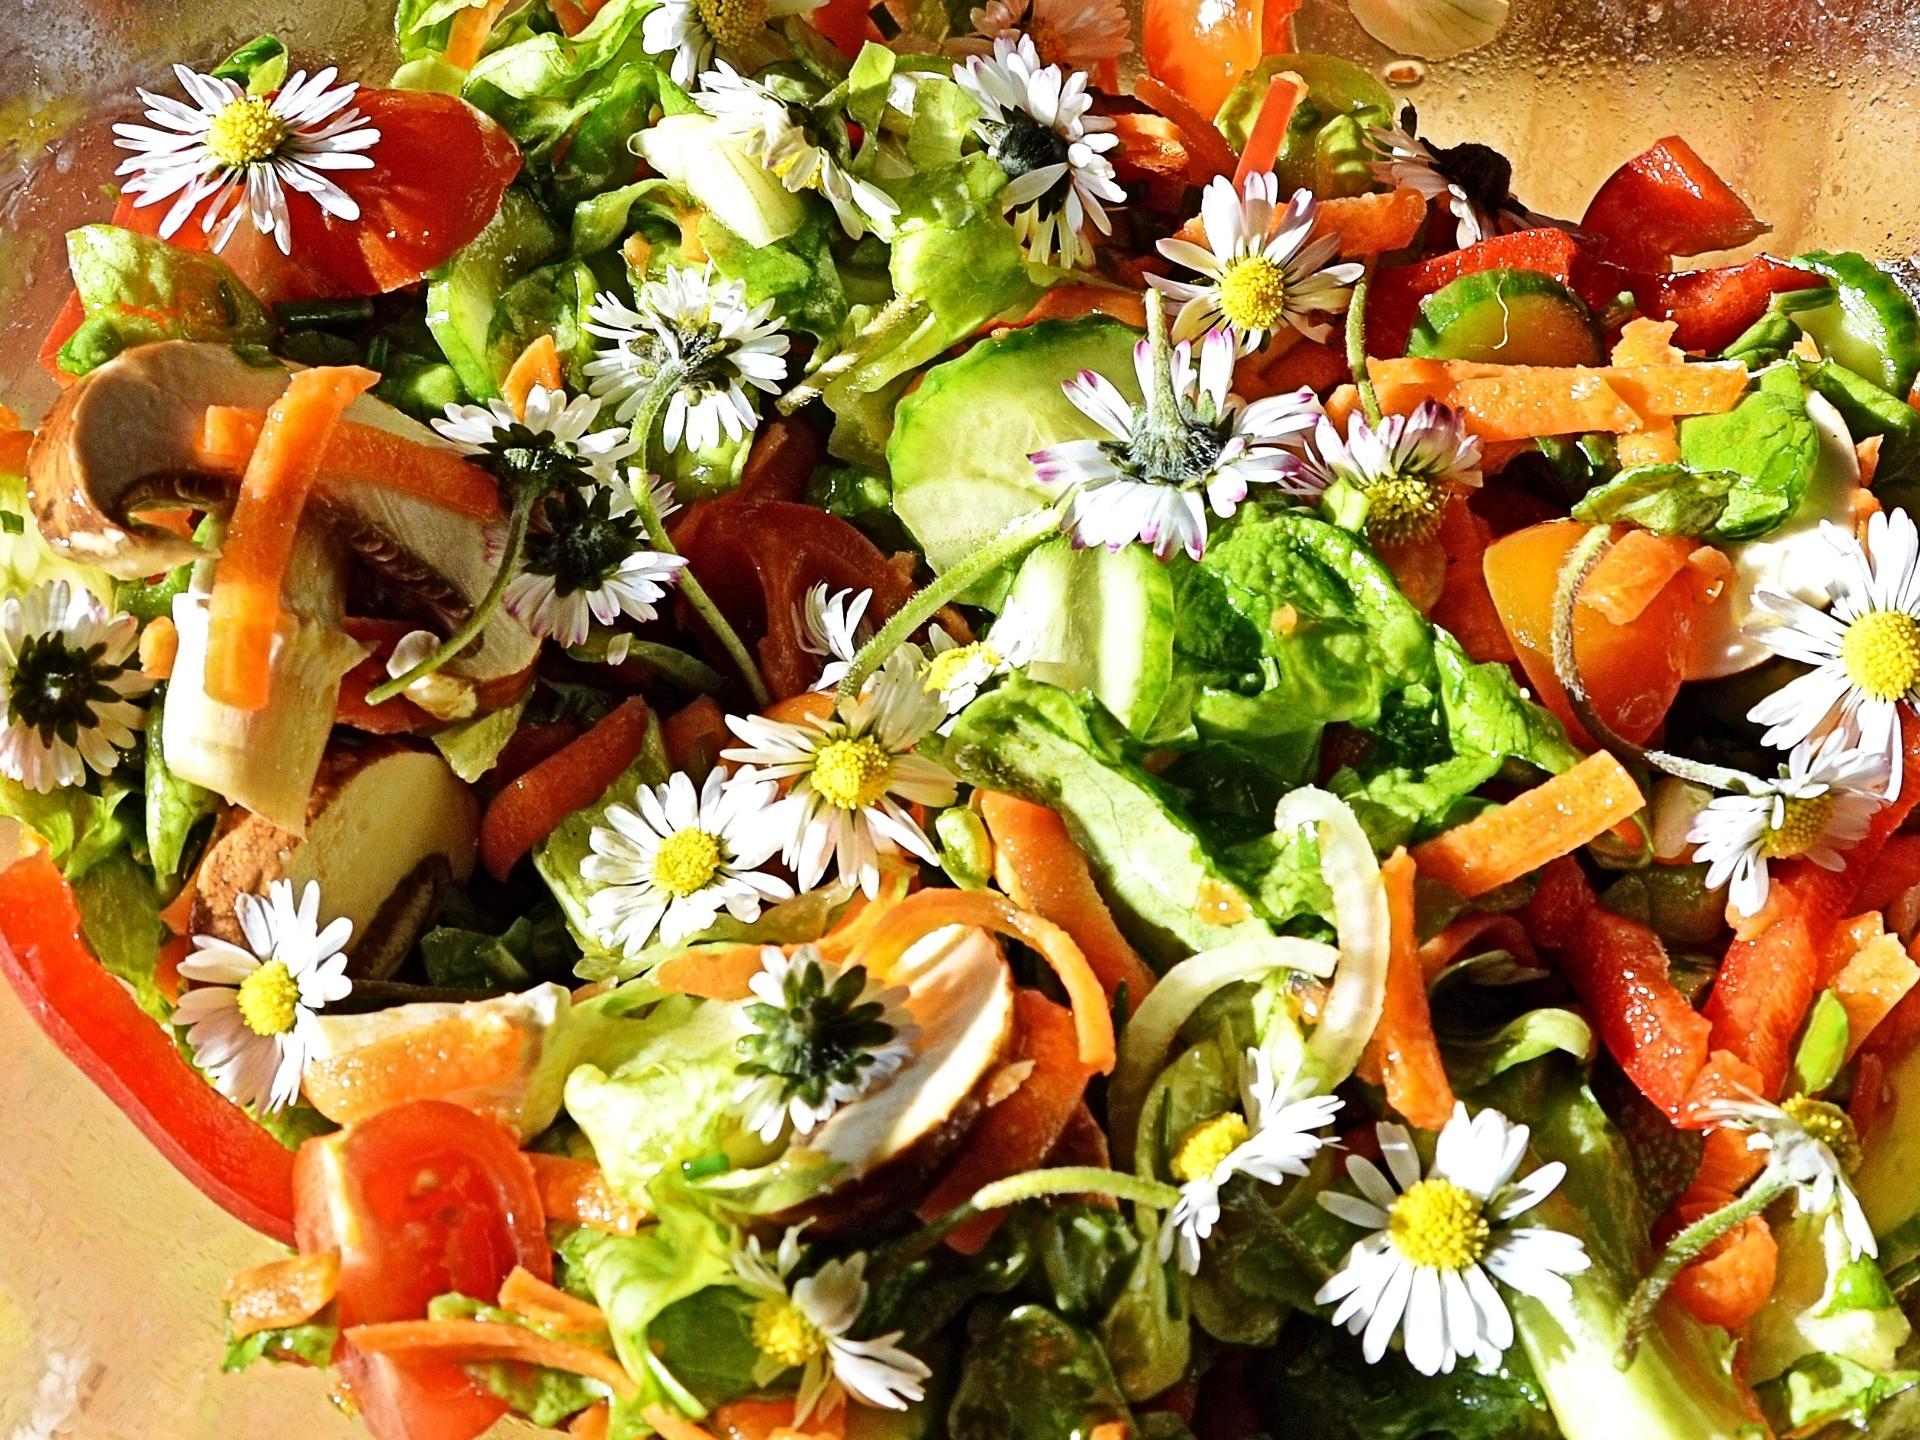 Je bunter der Salat, desto mehr Spaß hat man beim Essen. - Photocredit: pixabay.com/Lebemaja